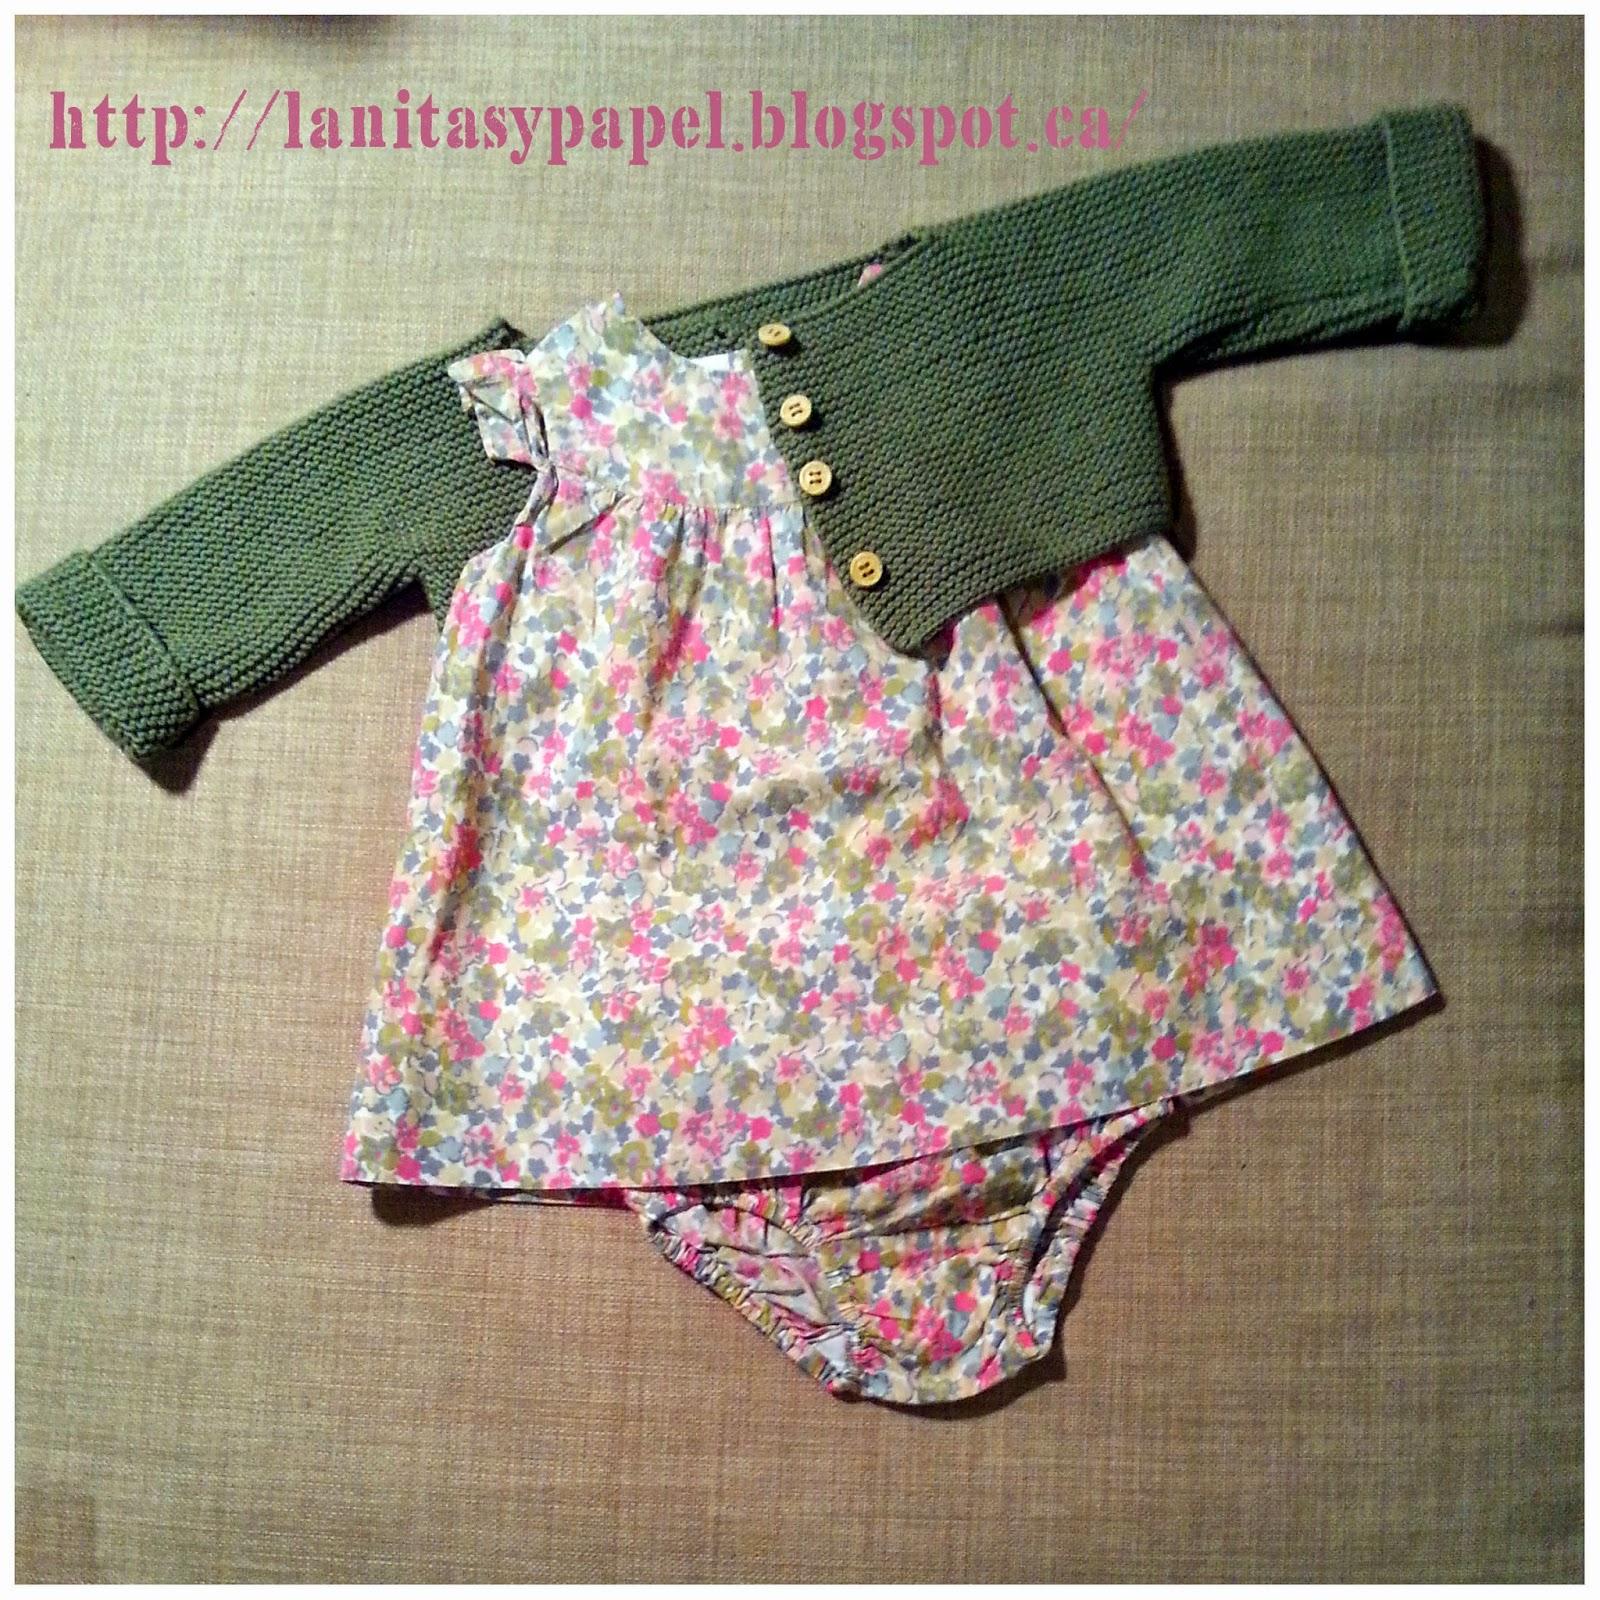 Lanitasypapel marzo 2015 - Tejer chaqueta bebe 6 meses ...